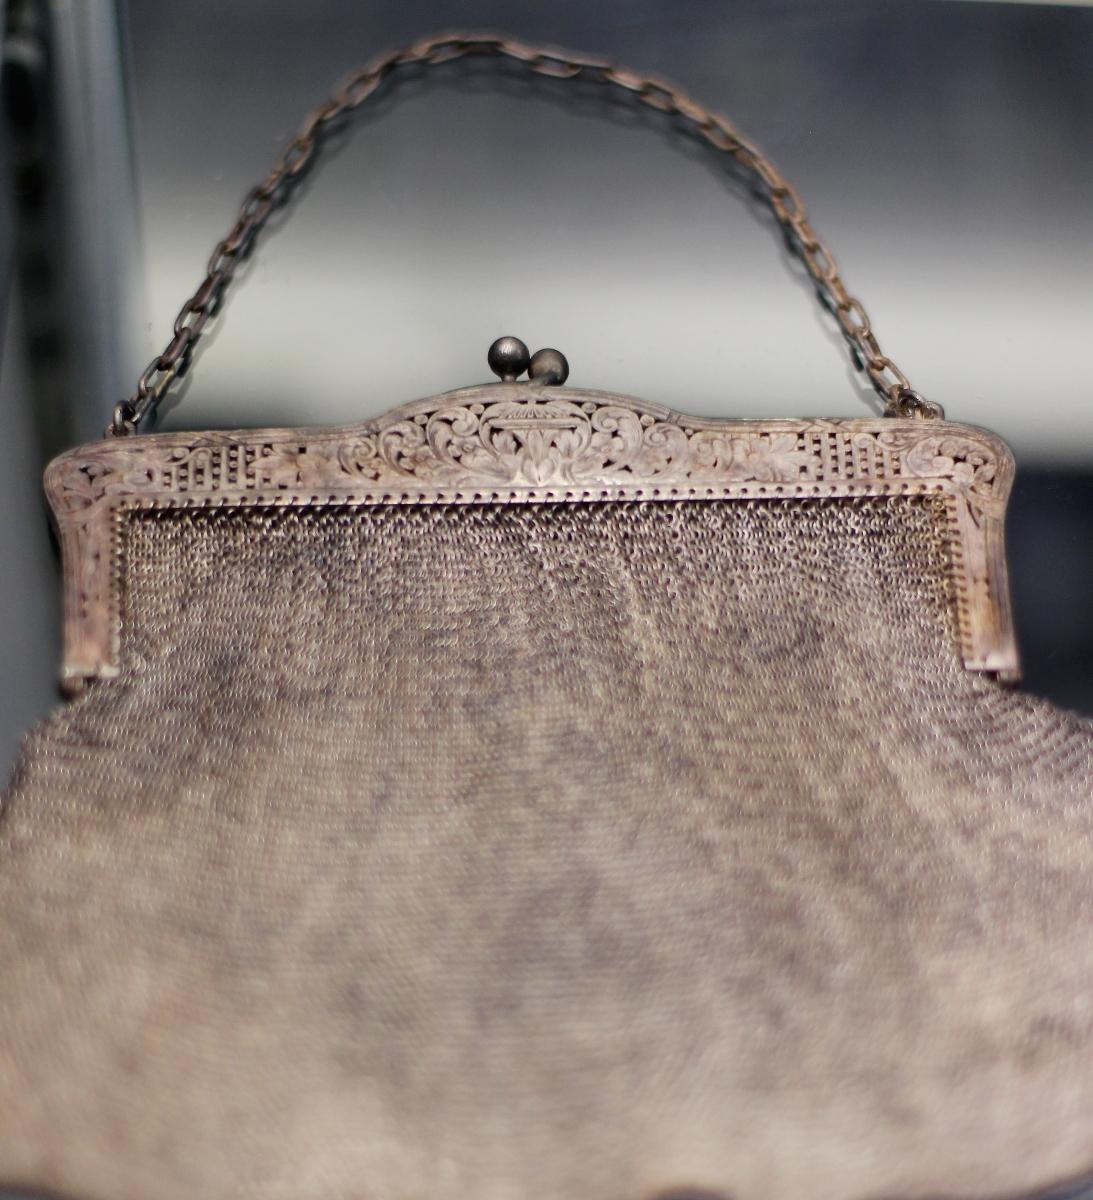 Златна дамска чантичка от Титаник, продадена на търг.